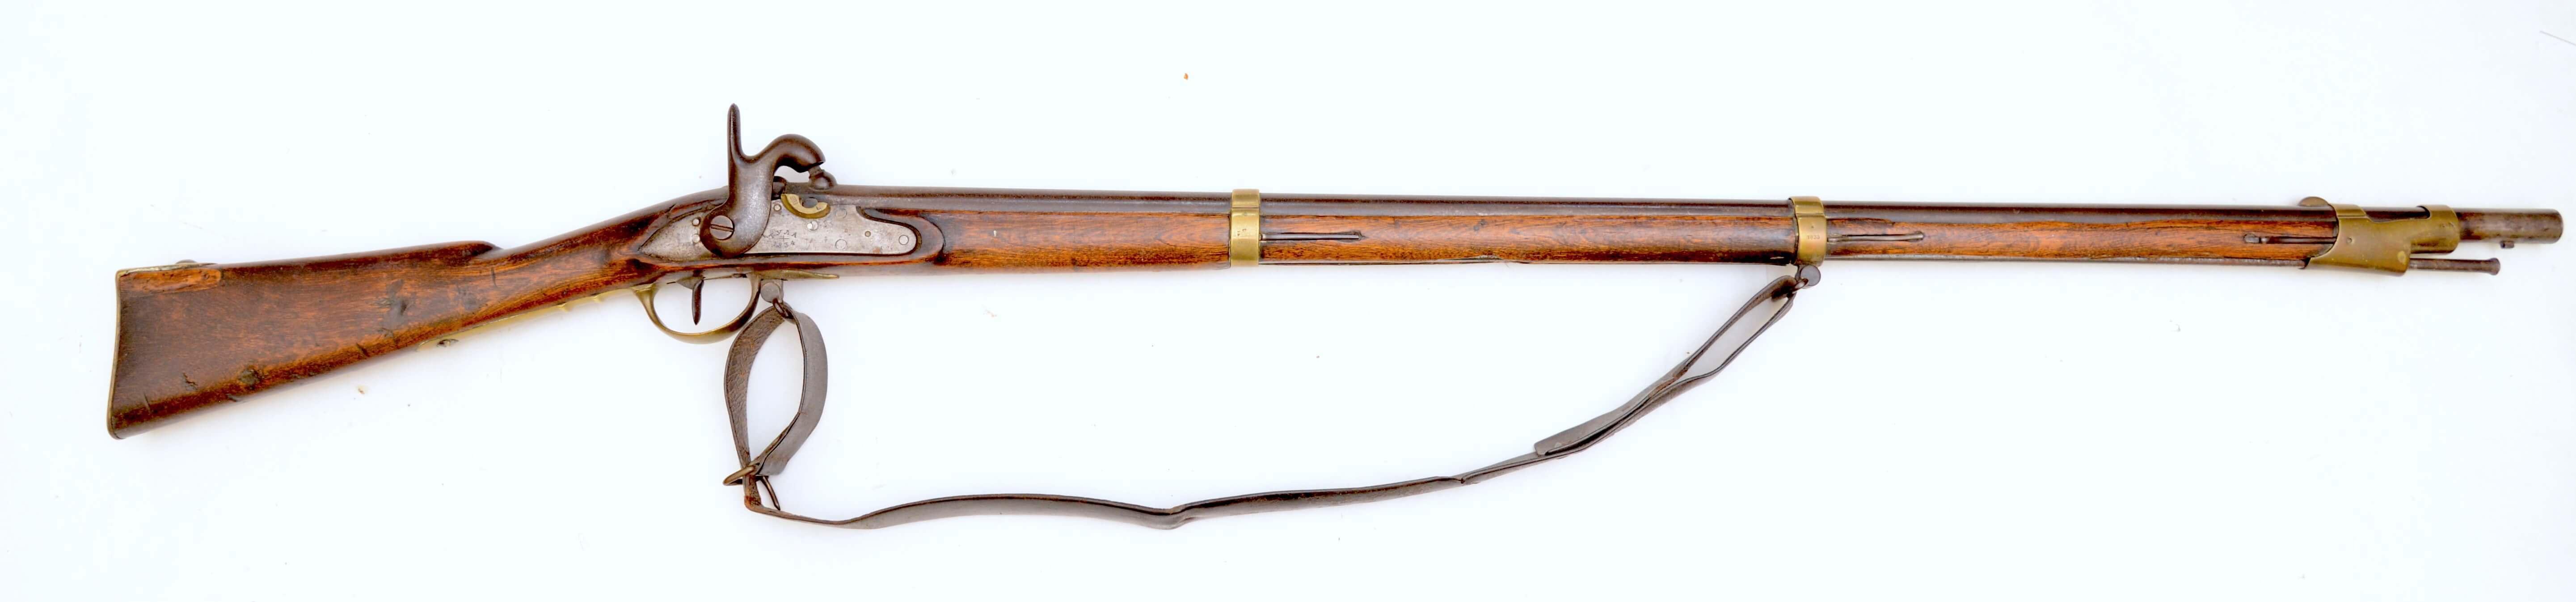 1844 год. Русское пистонное пехотное, дульнозарядное ружьё. Калибр 19 мм.